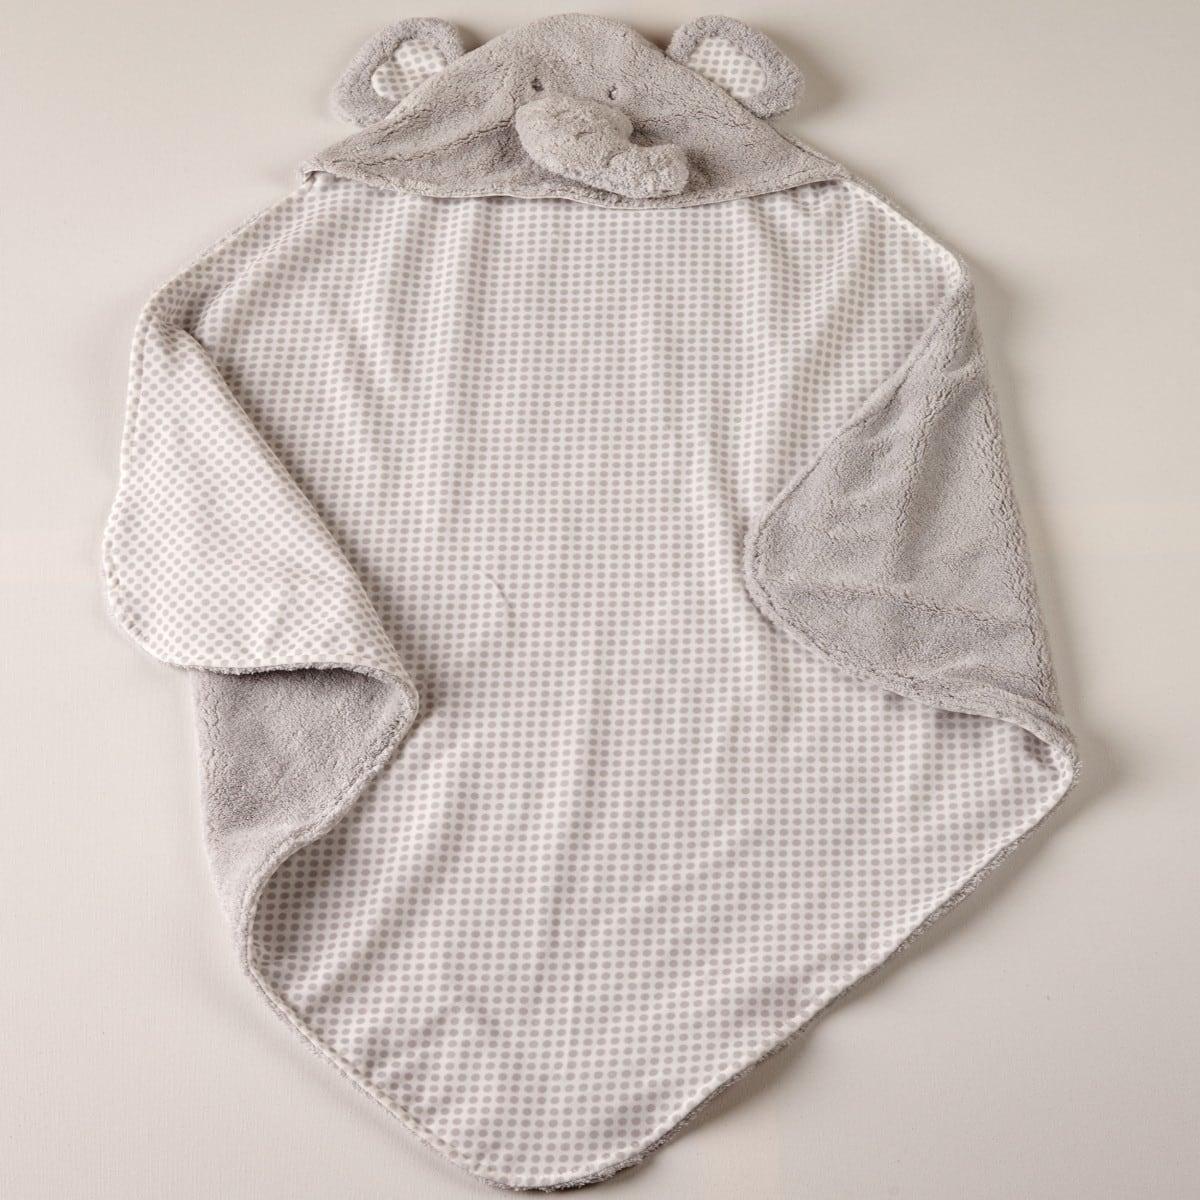 Βρεφική Κουβέρτα Rocco 22 Grey Kentia Αγκαλιάς 75x75cm